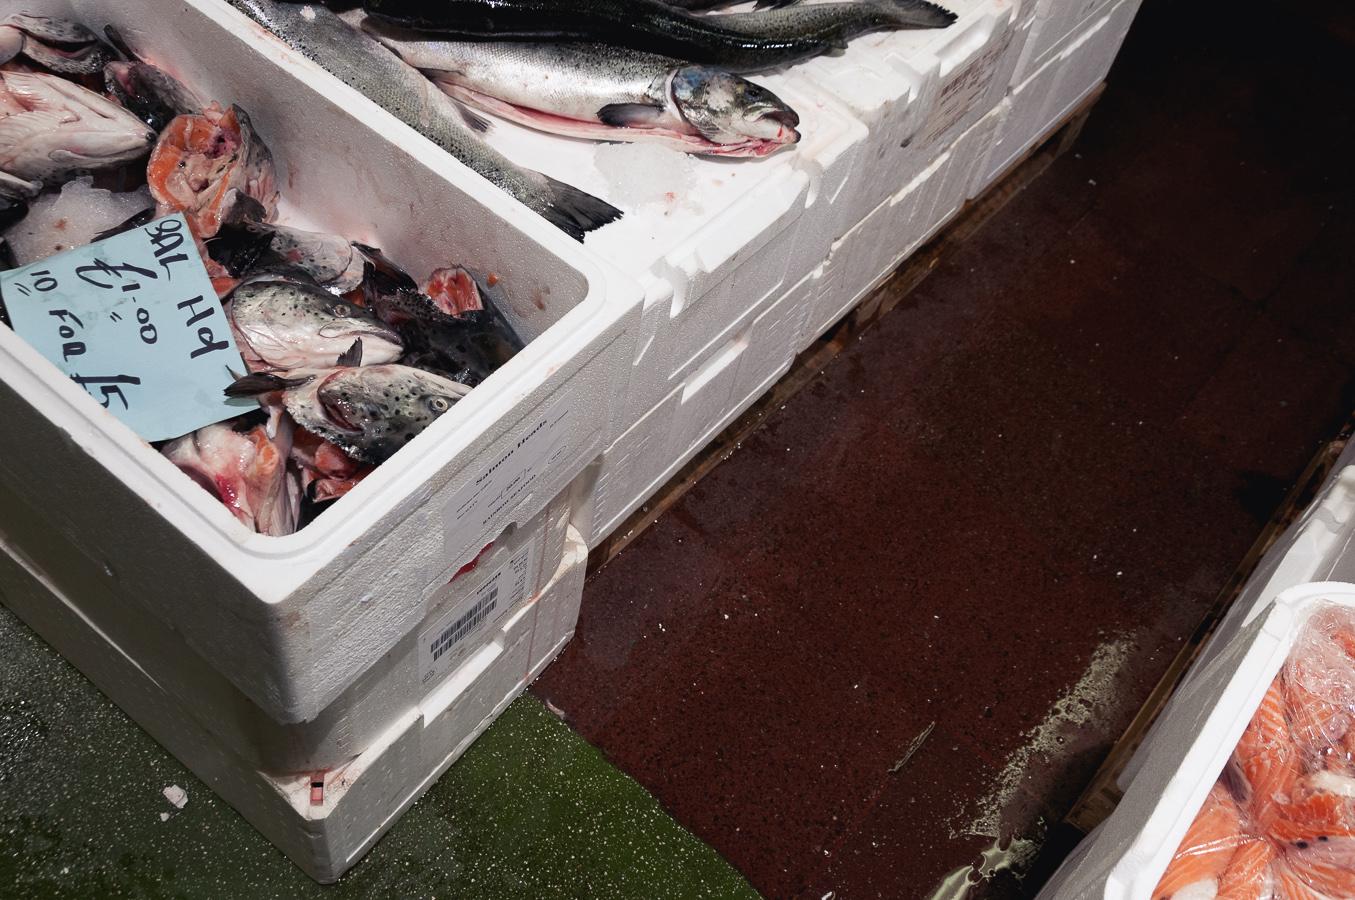 billings-gate-market-salmon-cut-offs.jpg